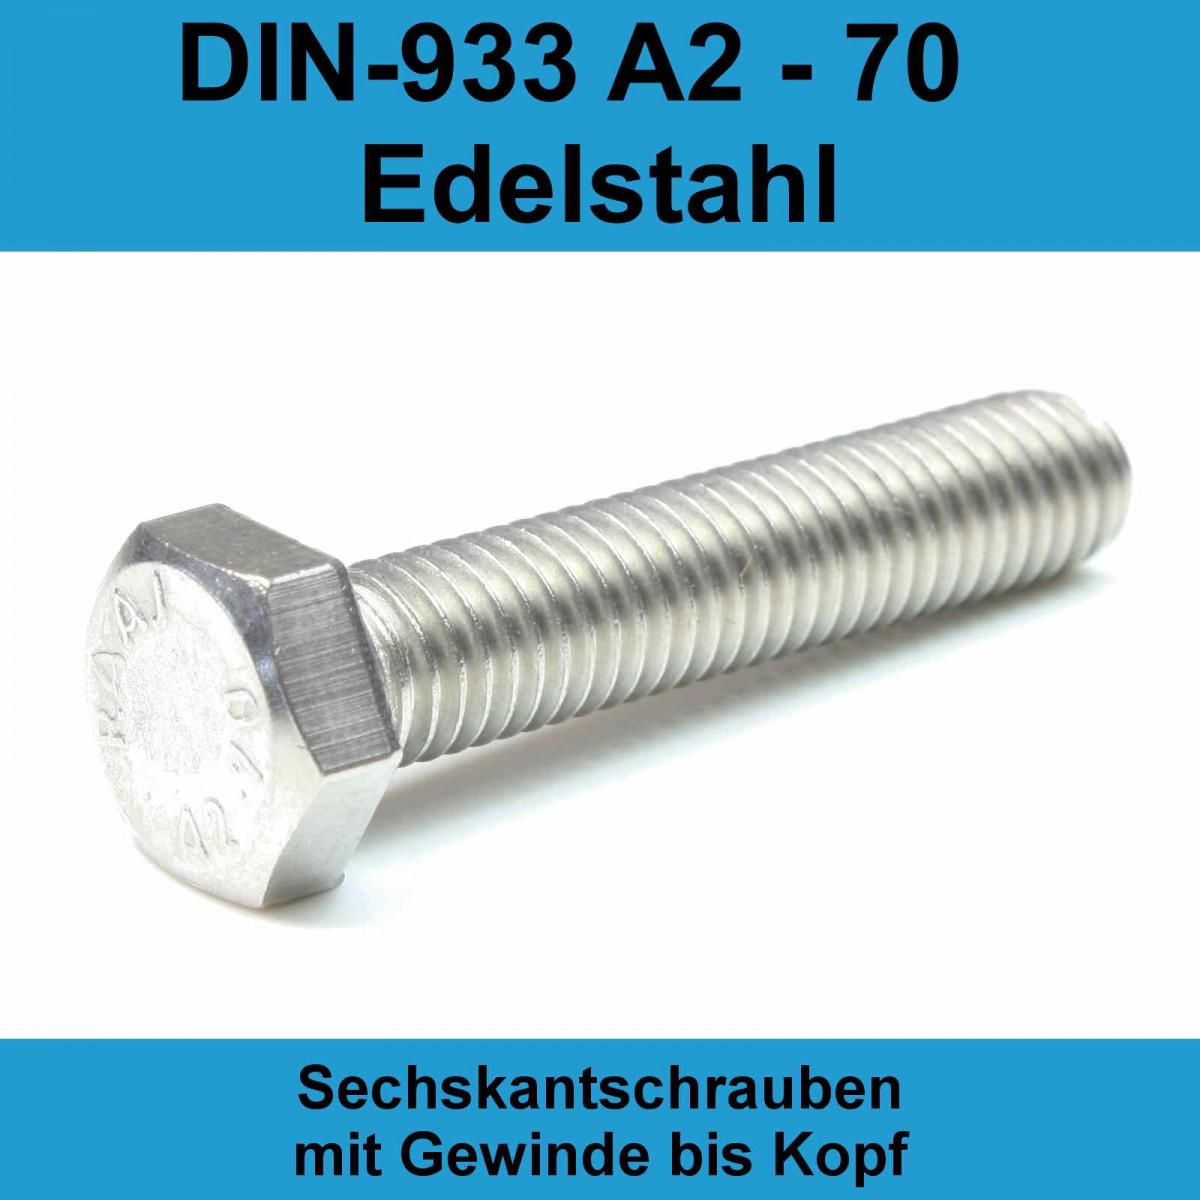 Sechskantschrauben mit Gewinde bis Kopf DIN 933 Edelstahl A2 M 8